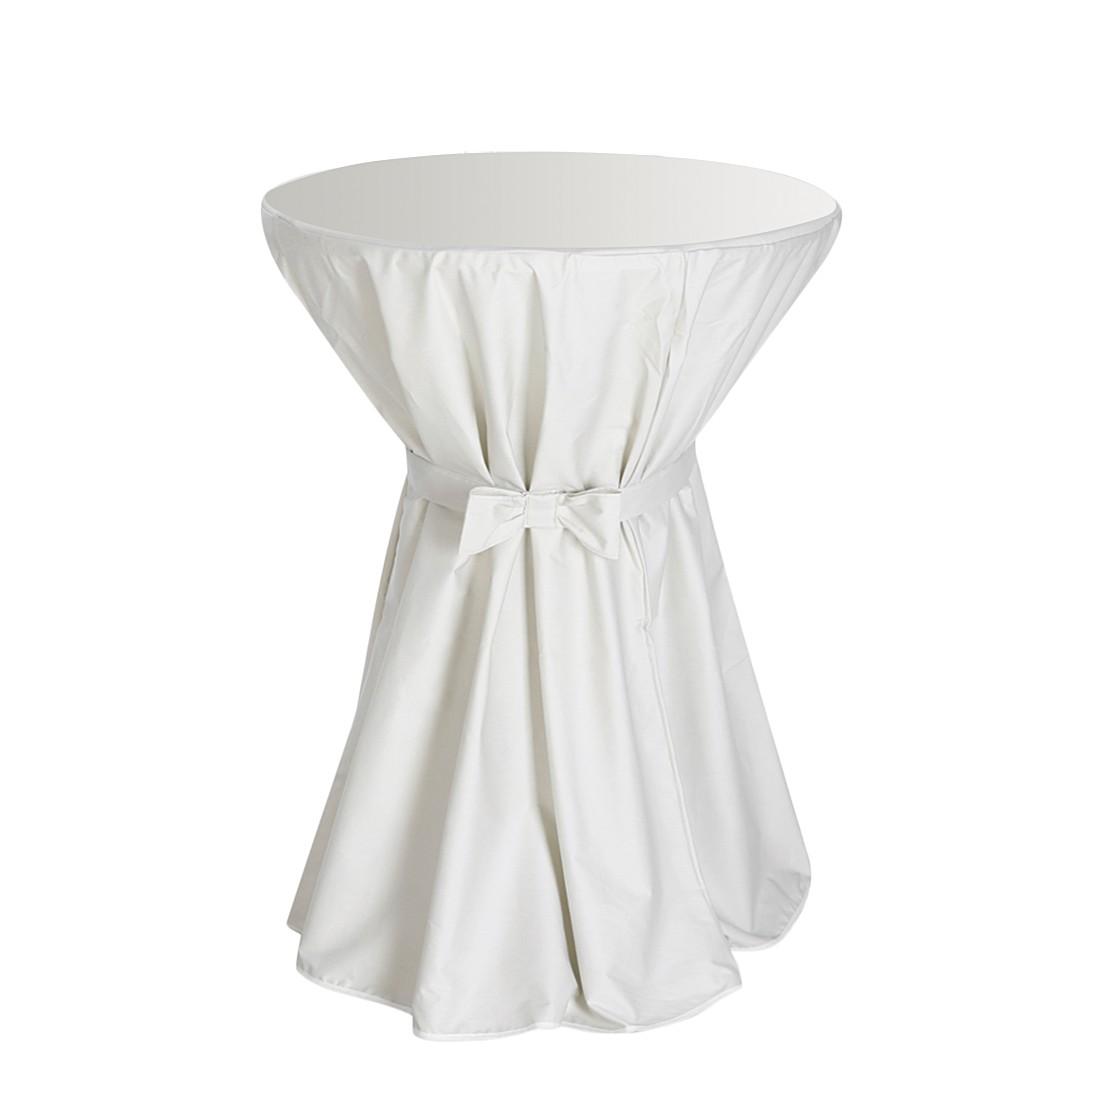 Stehtisch-Husse - Textil - Cremeweiß, Best Freizeitmöbel